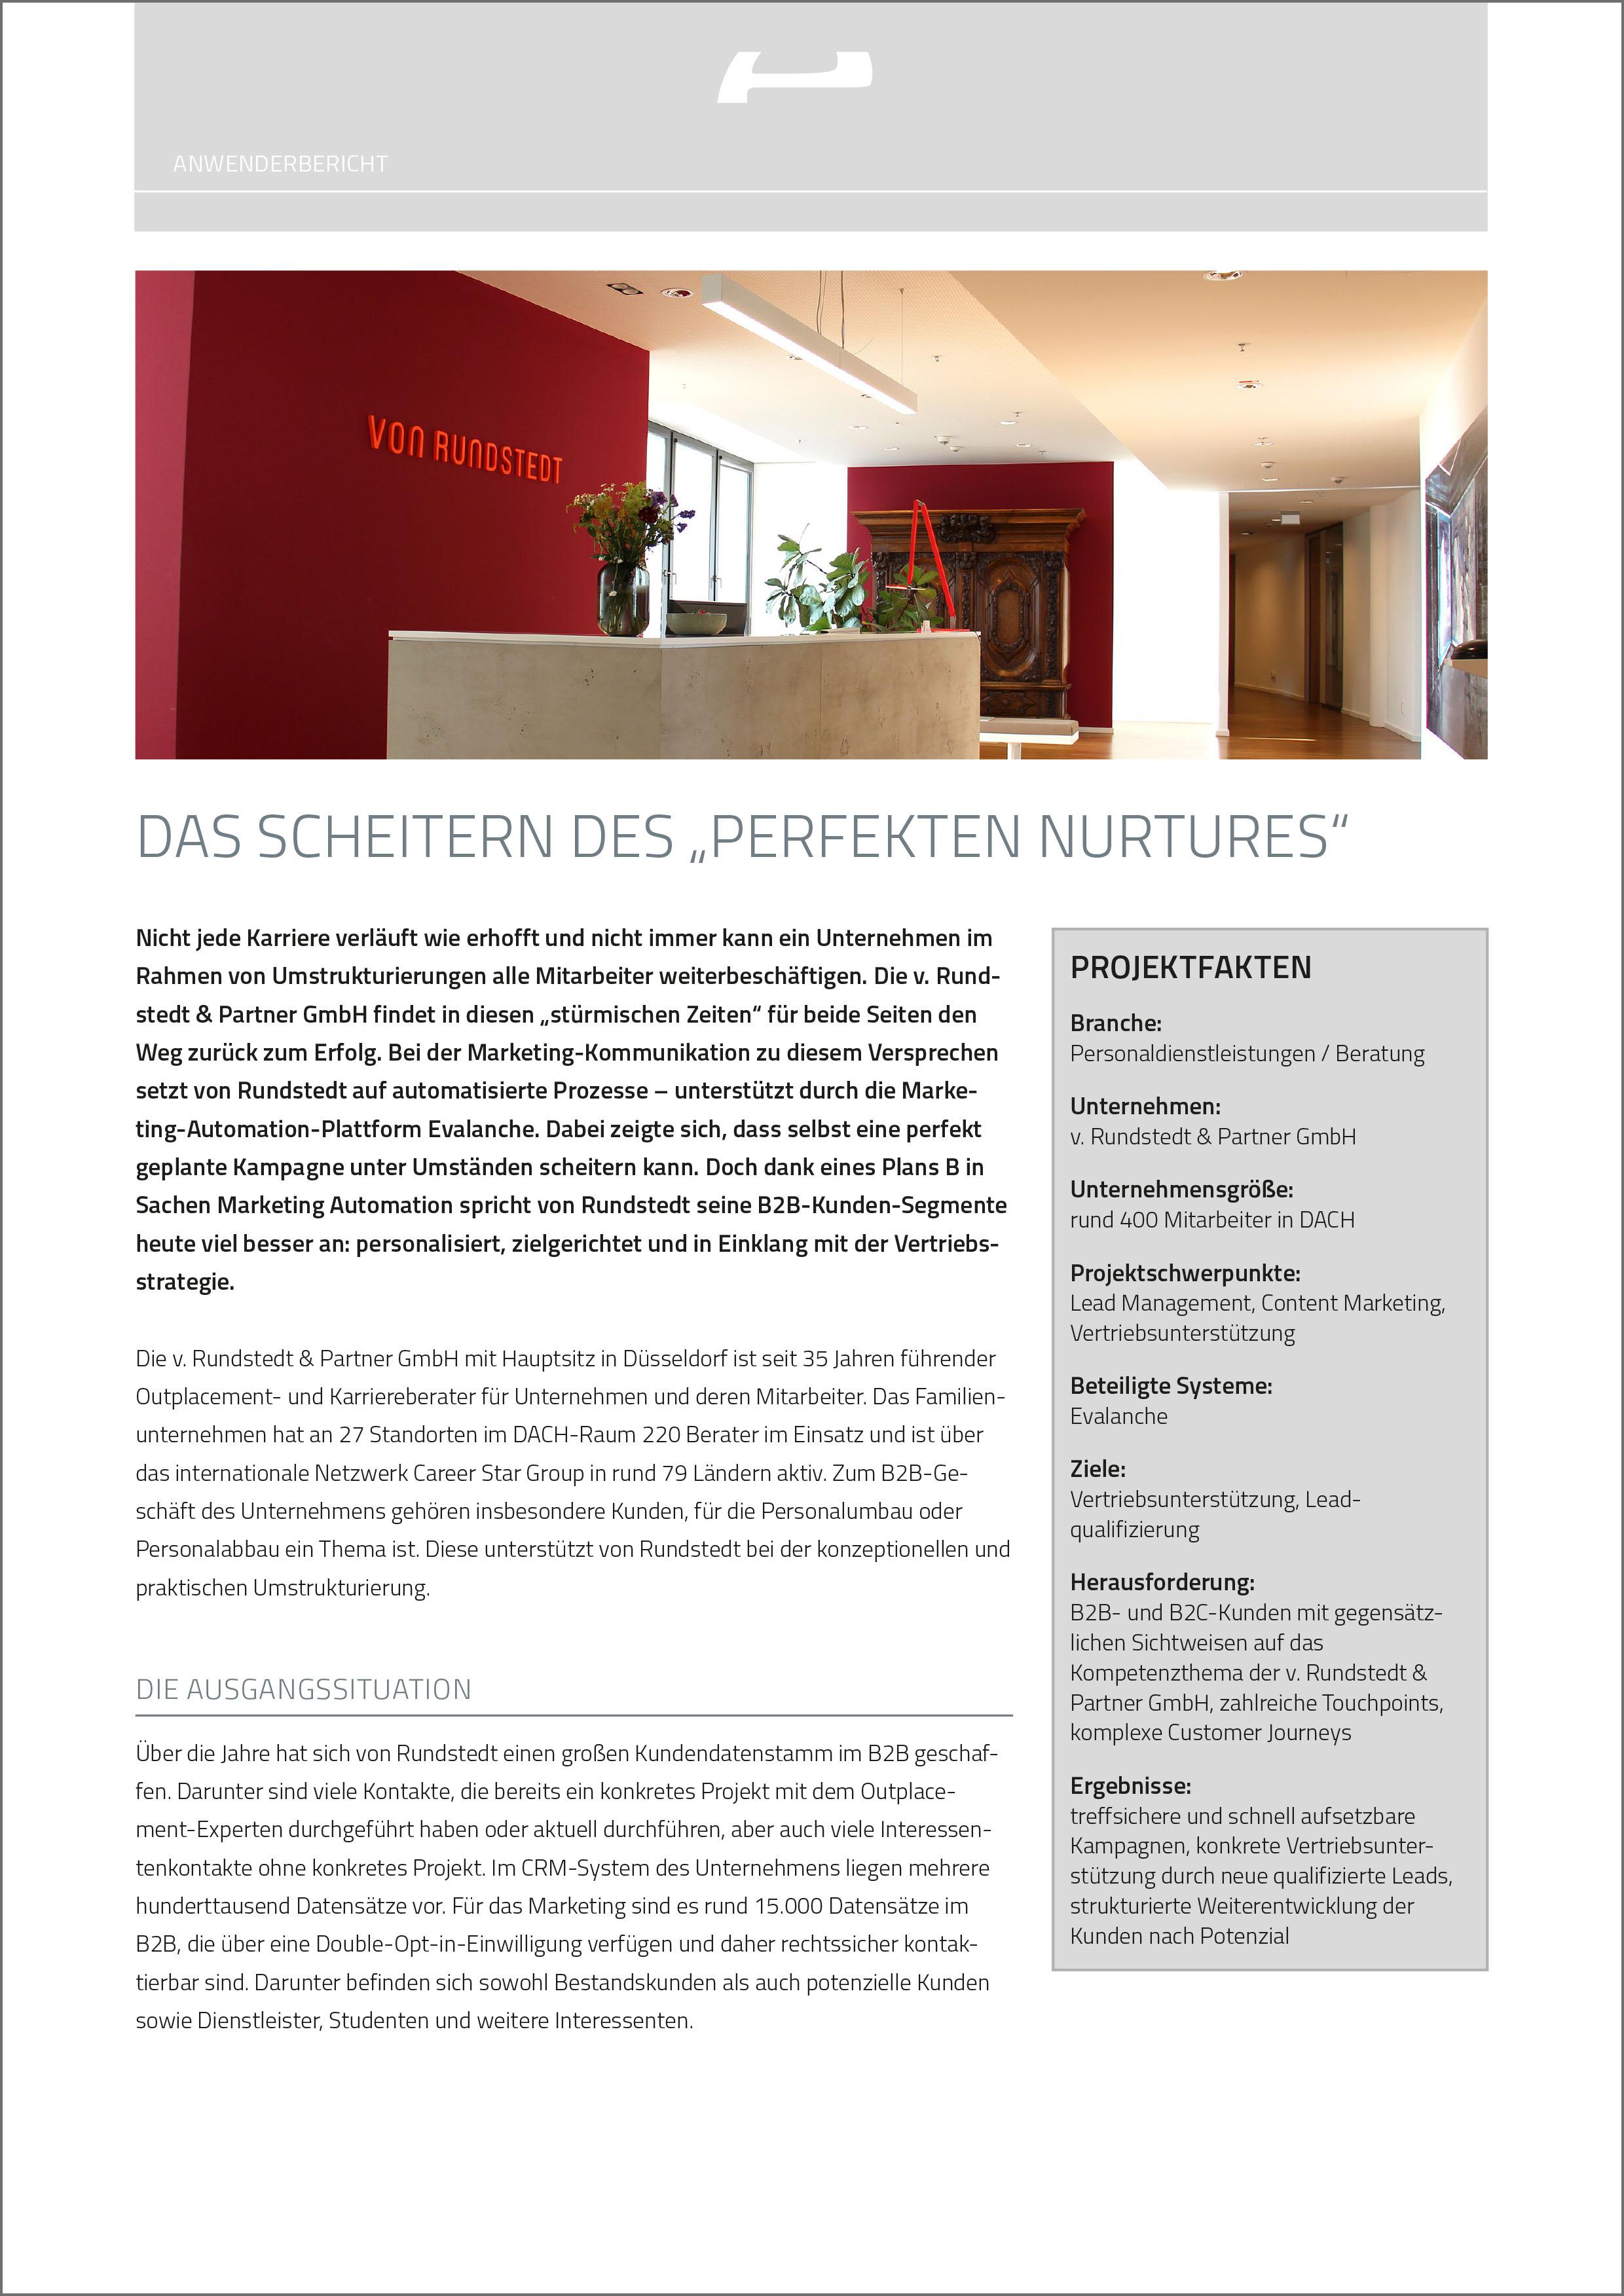 PDF Anwenderbericht mit von Rundstedt